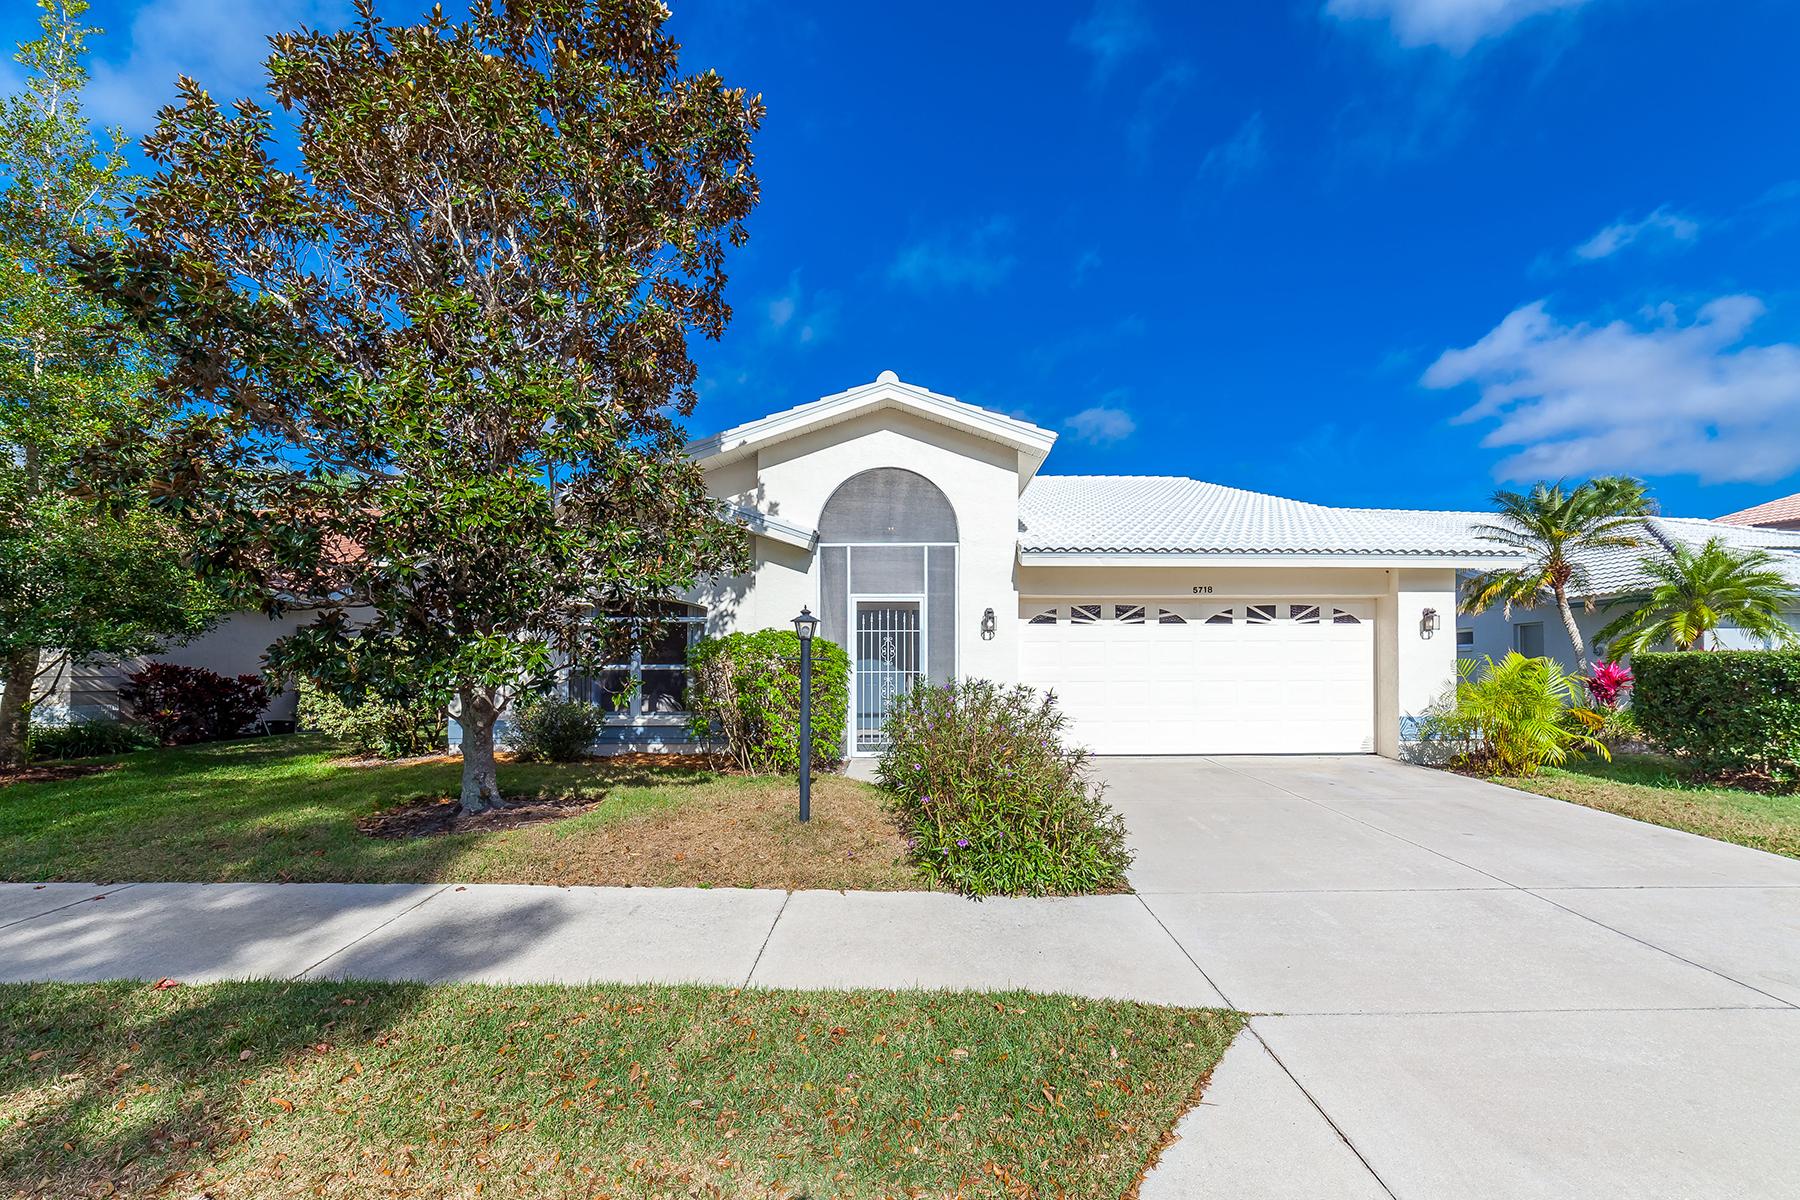 단독 가정 주택 용 매매 에 DEL SOL VILLAGE AT LONGWOOD RUN 5718 Beaurivage Ave Sarasota, 플로리다, 34243 미국